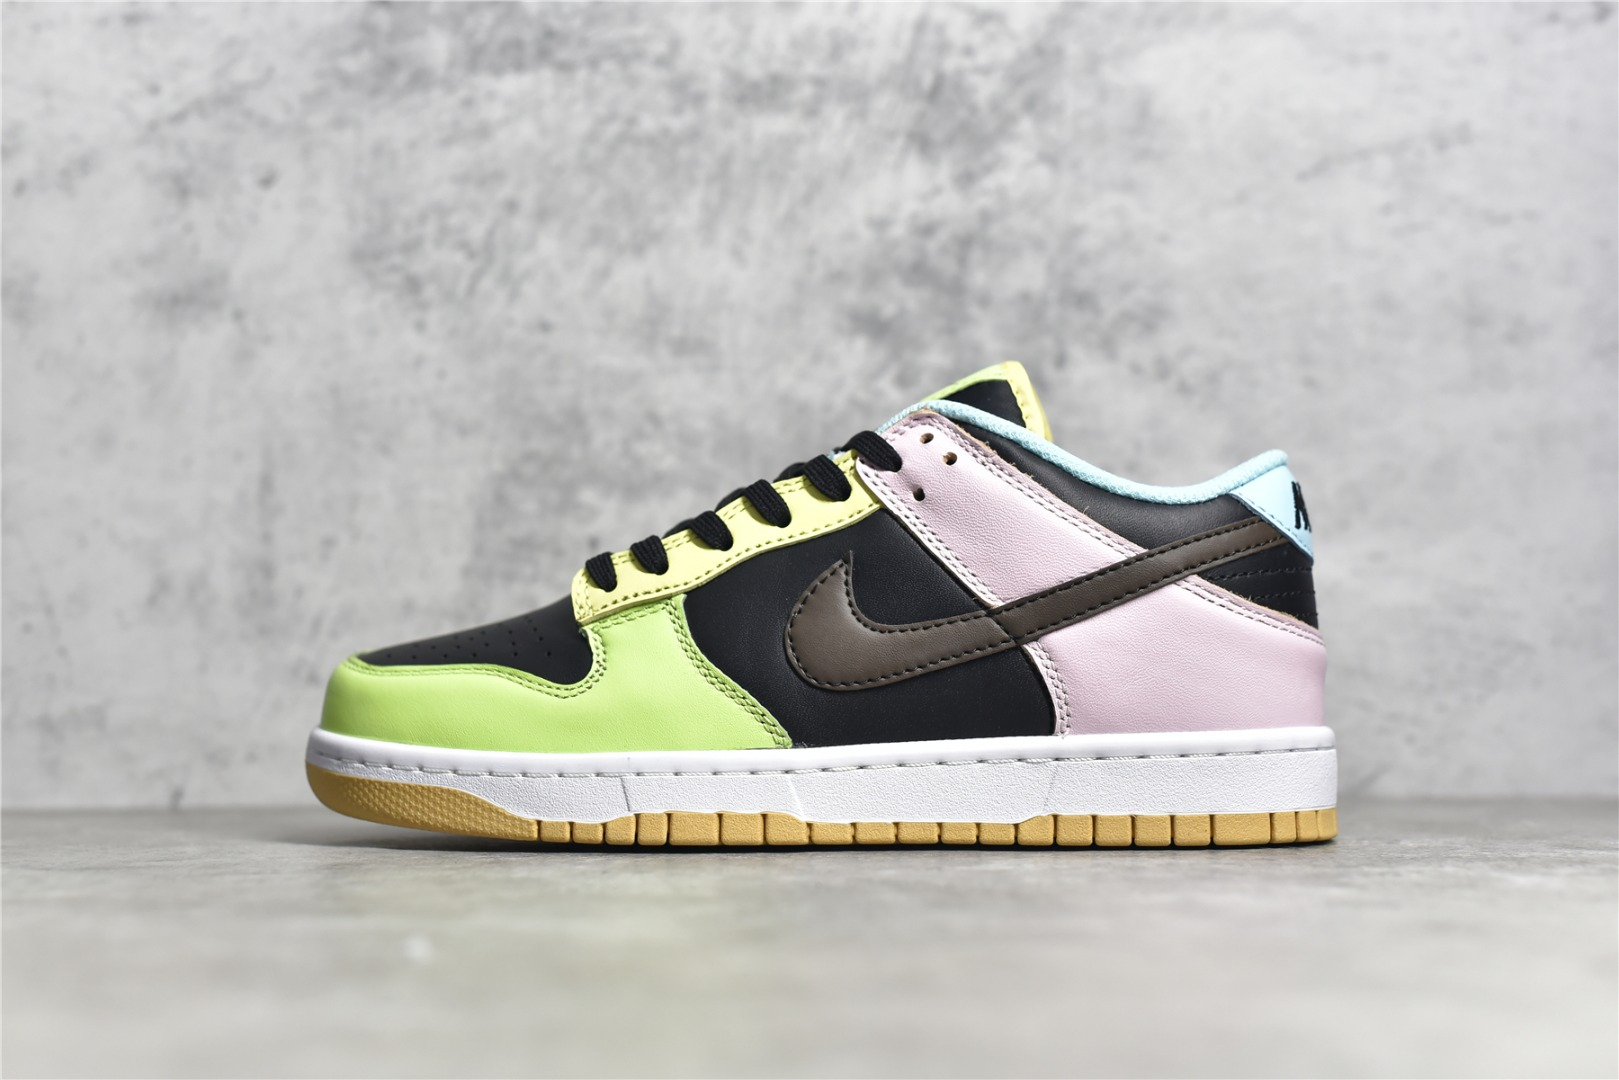 耐克Dunk紫黑绿拼接鸳鸯板鞋 NIKE DUNK LOW SE FREE 99 GS 耐克Dunk鸳鸯板鞋 耐克滑板鞋 货号:CZ2496-001-潮流者之家